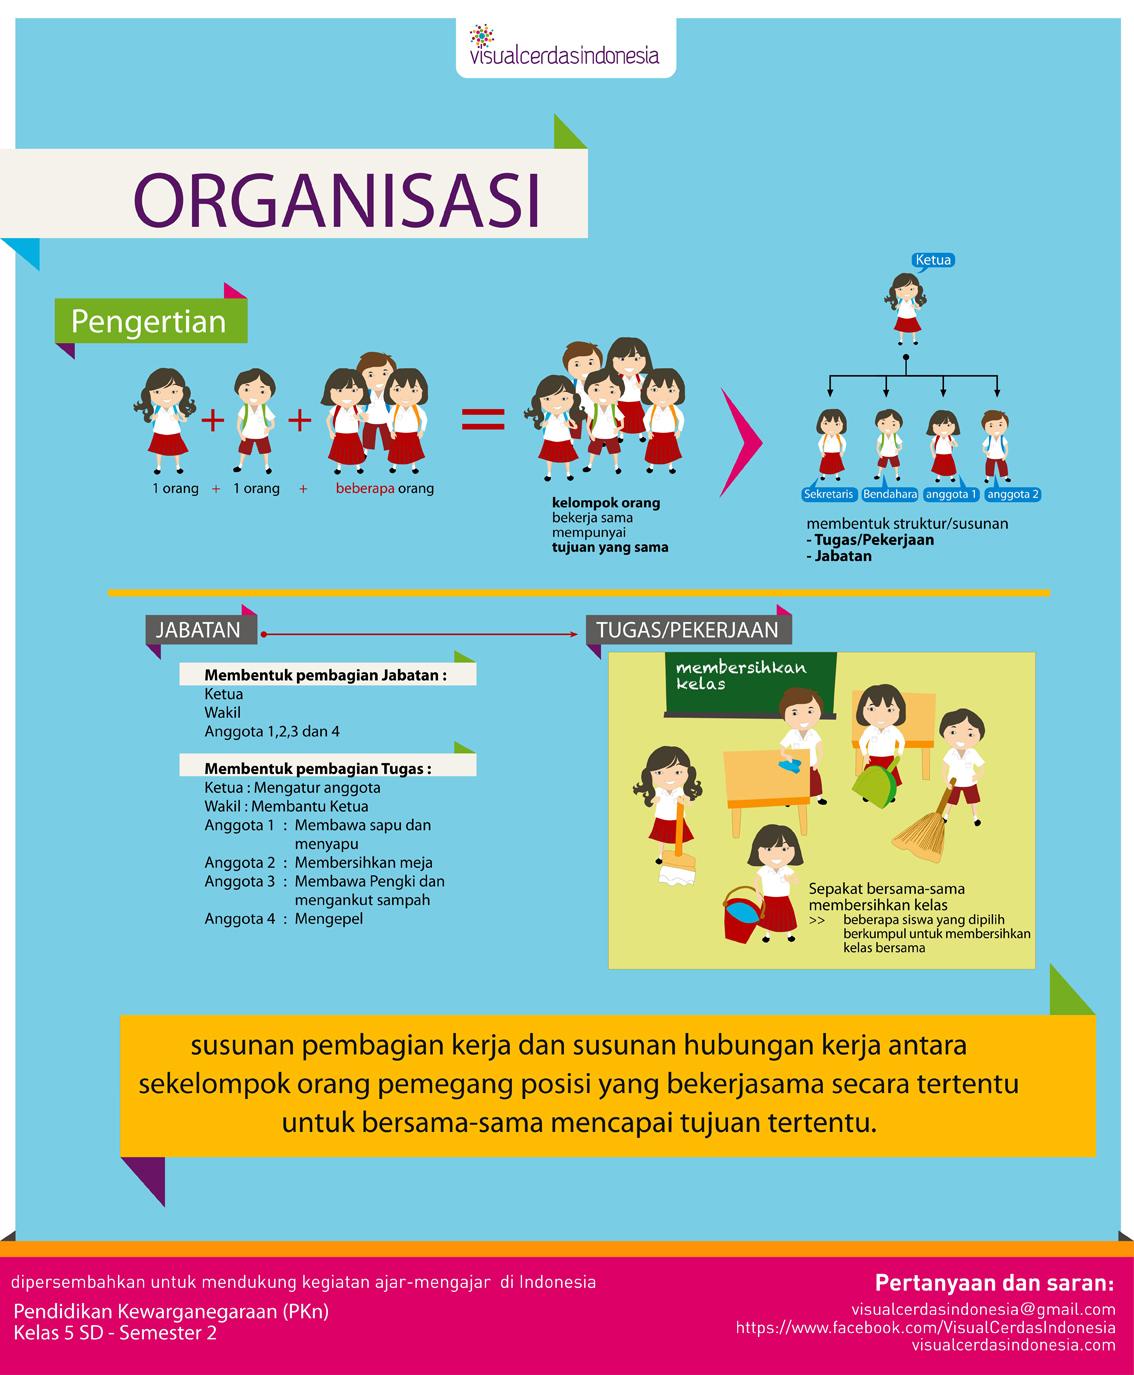 Edugrafis Pengertian Organisasi